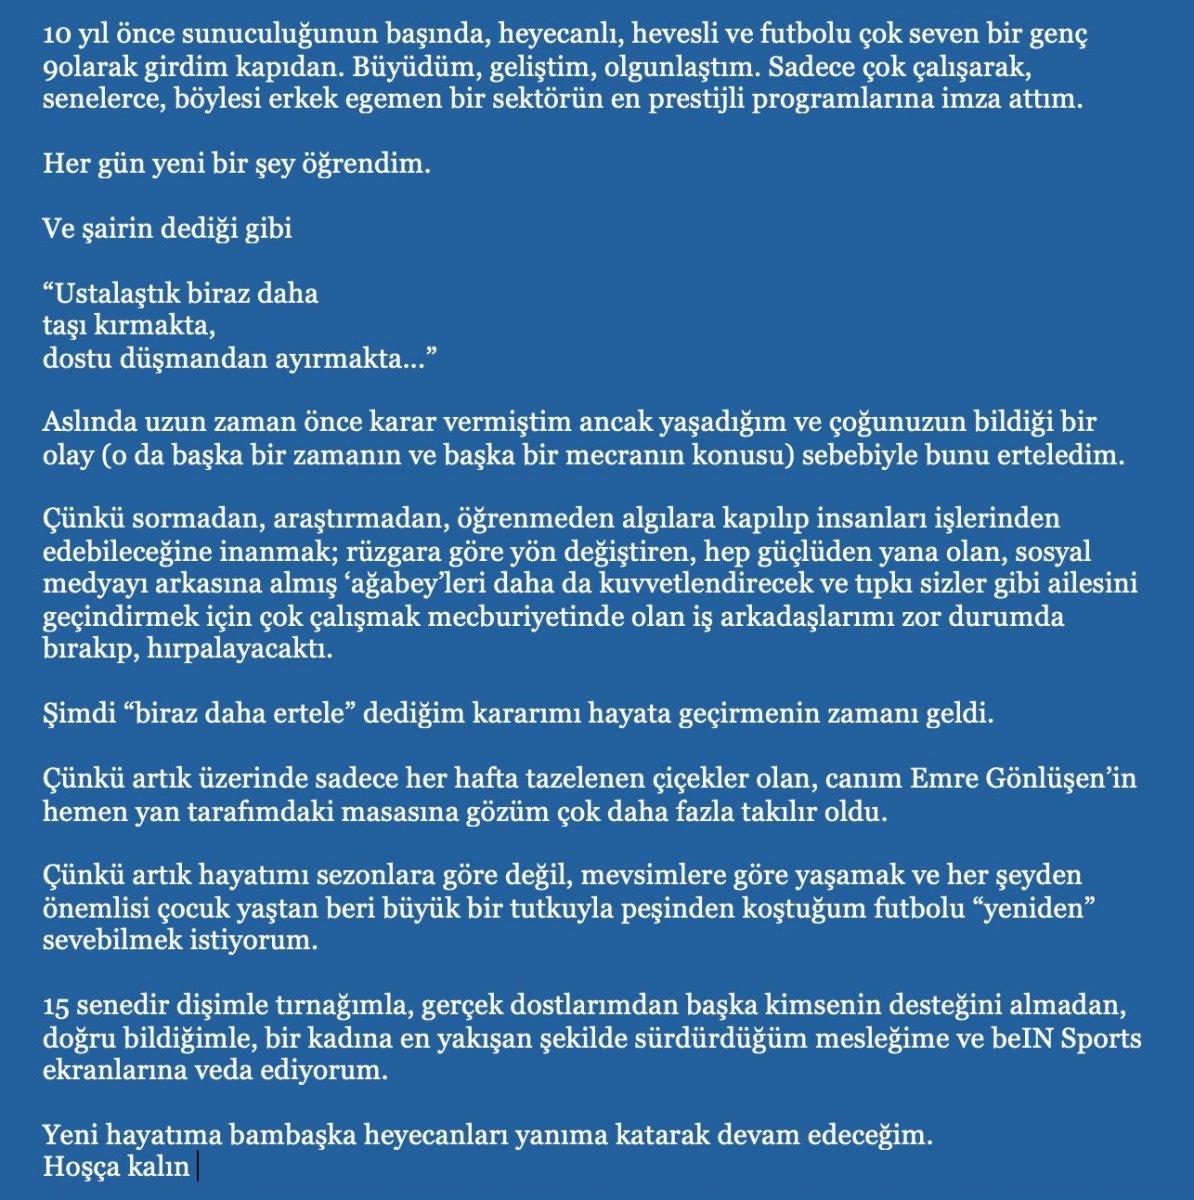 Nazlı Canyurt, beIN Sports tan ayrıldığını açıkladı #1